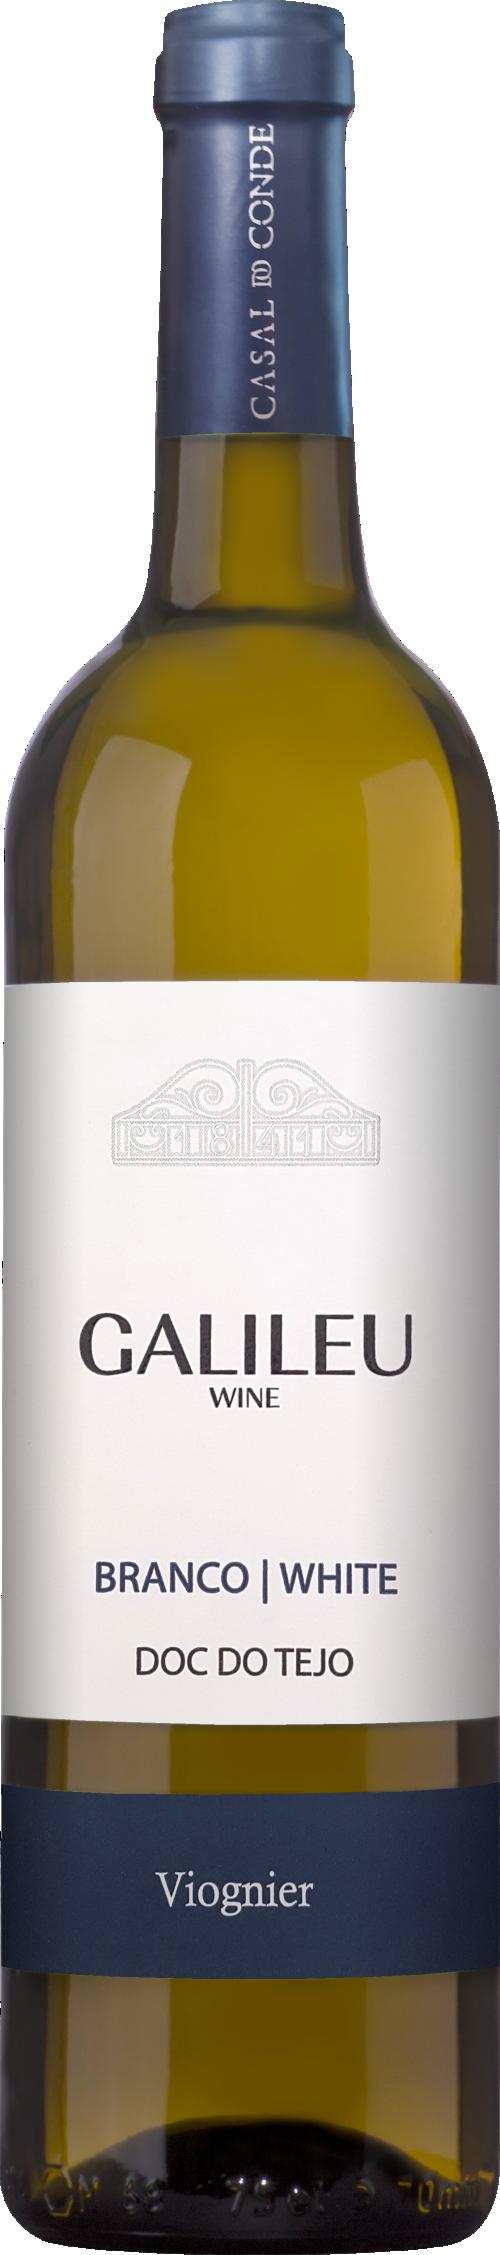 galileu - Viognier